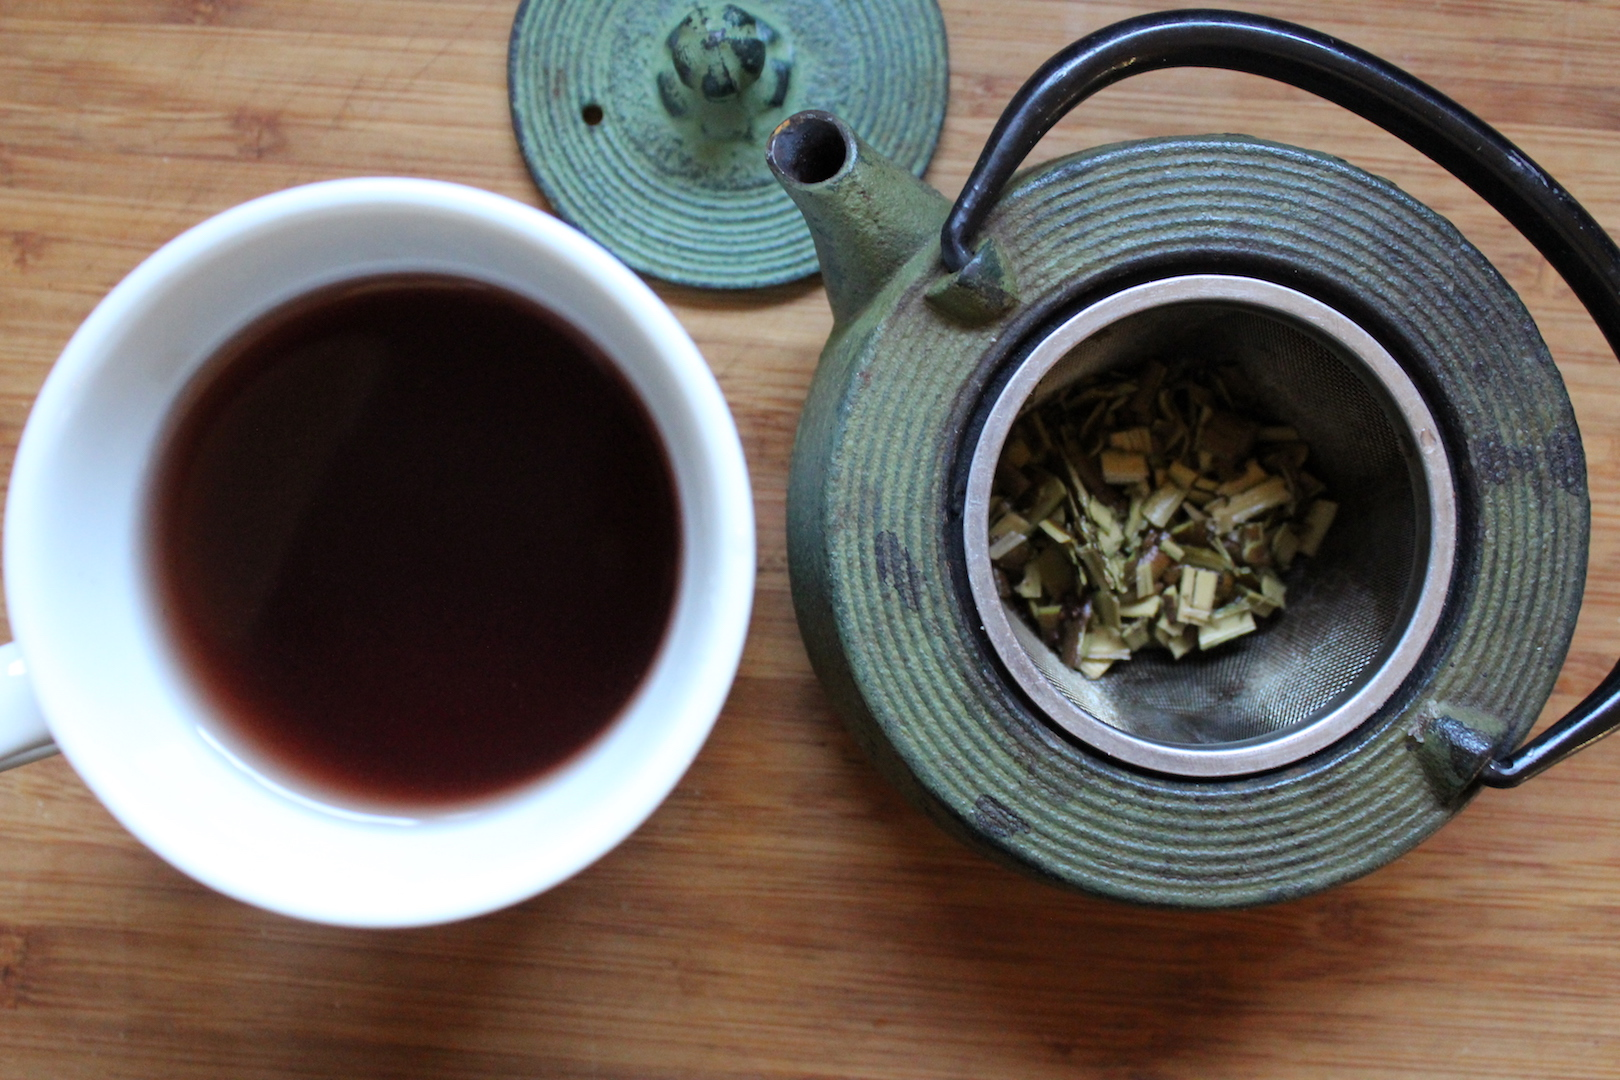 Willow Bark Tea